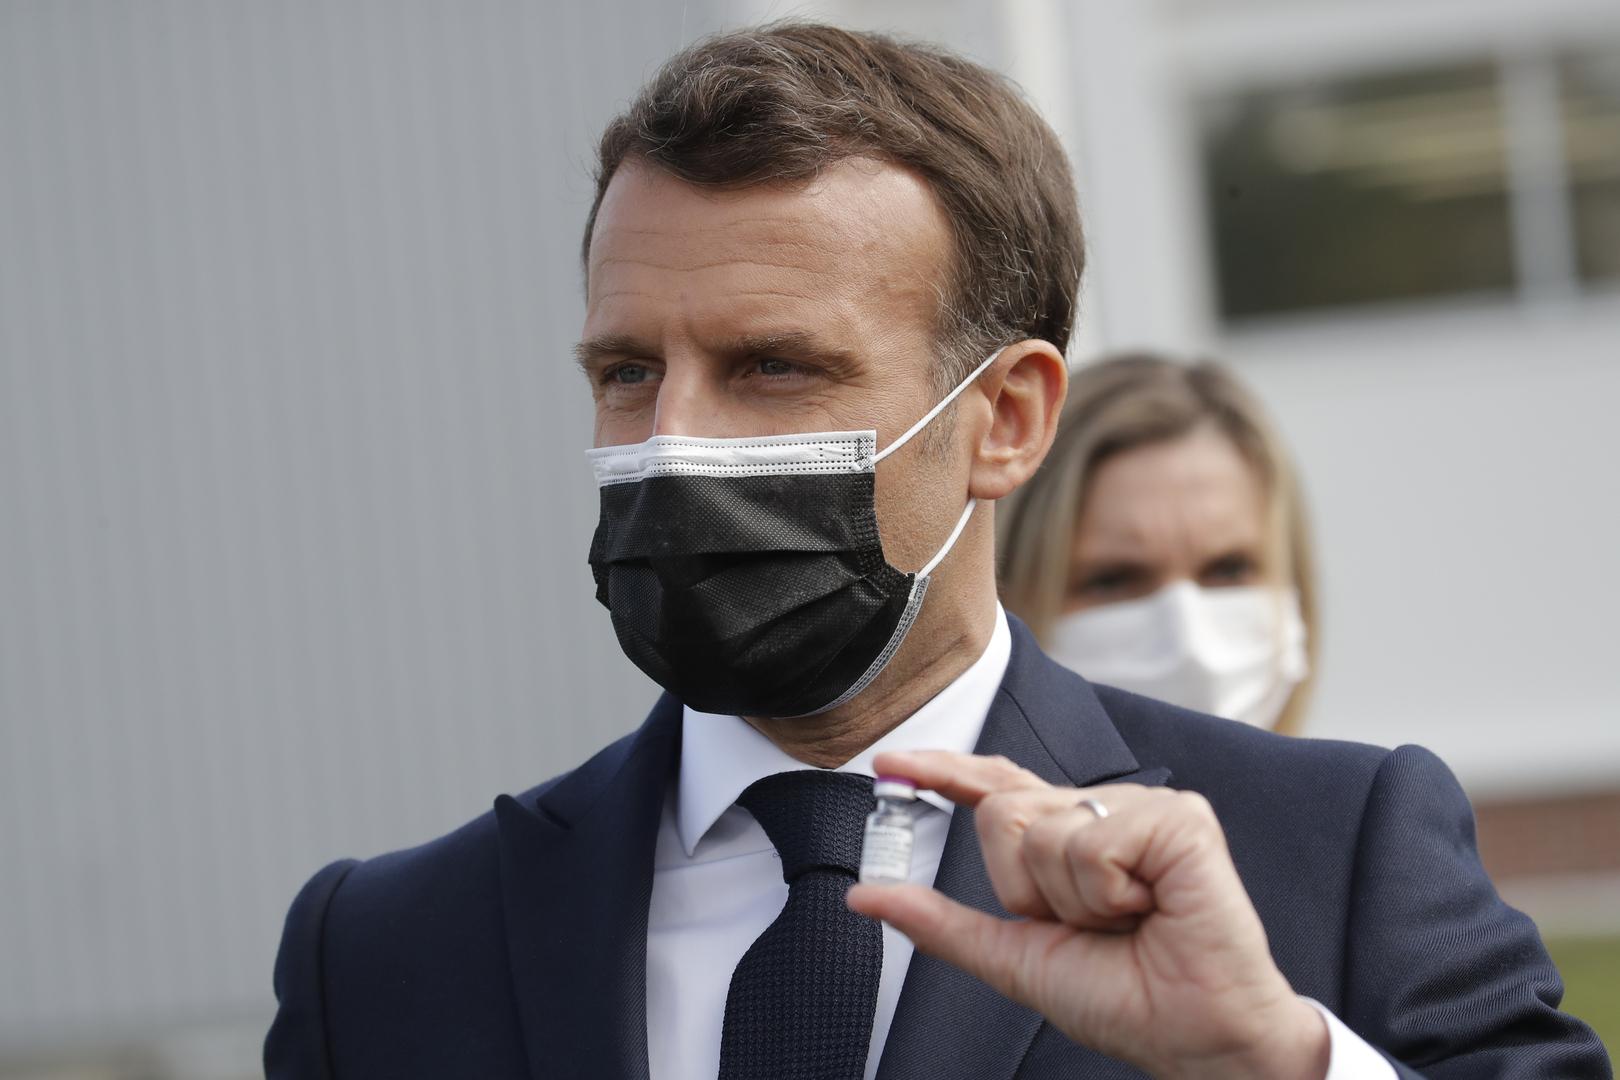 الرئيس الفرنسي إيمانويل ماكرون خلال زيارة مصنع Delpharm في Saint-Remy-sur-Avre، غرب باريس، الجمعة 9 أبريل 2021